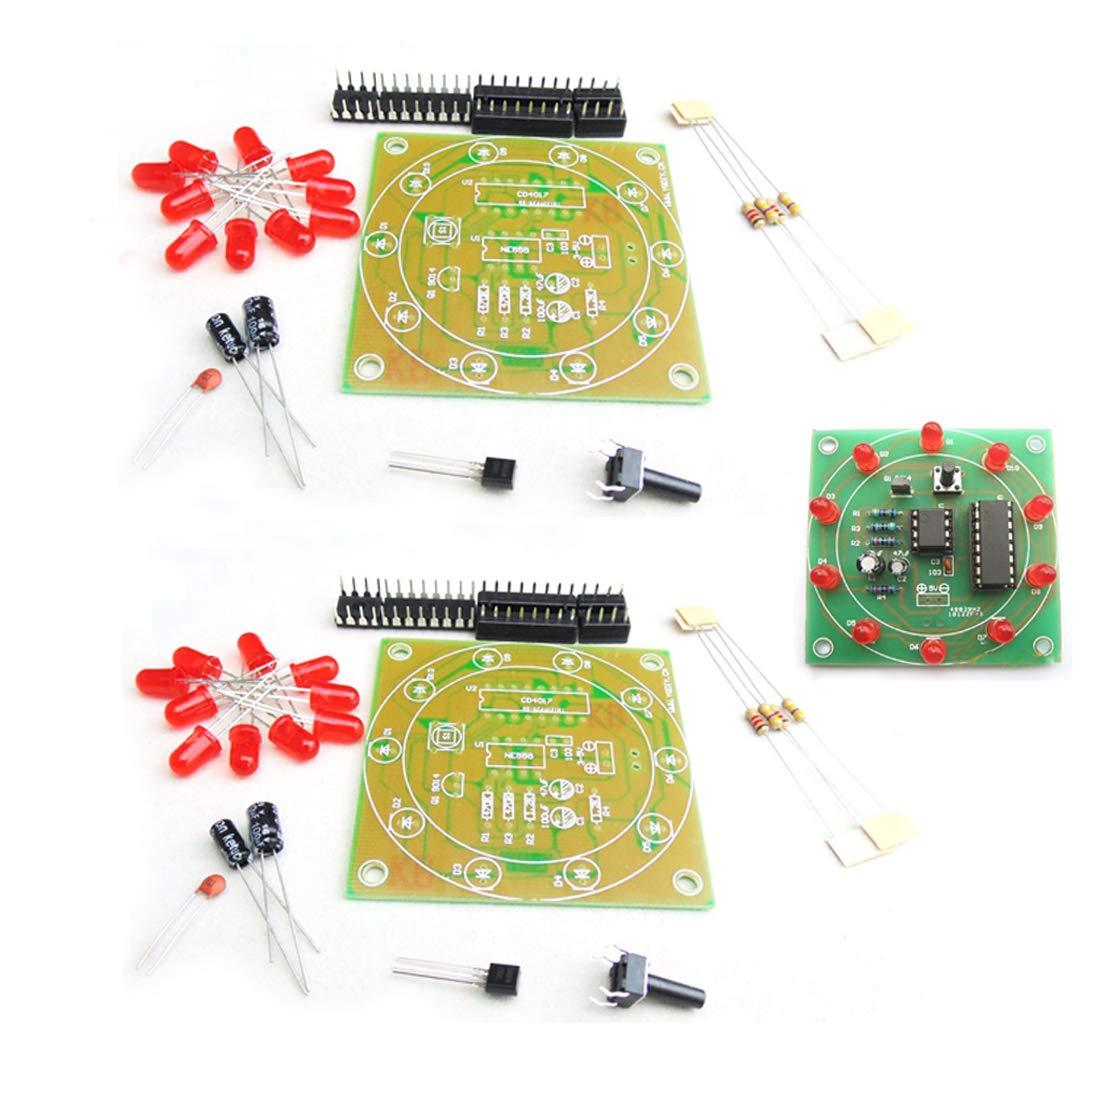 2 piezas NE555 CD4017 electrónica Lucky Turntable producción electrónica DIY Kit de luz de flash DIY para estudiantes electrónica aprendizaje estudio